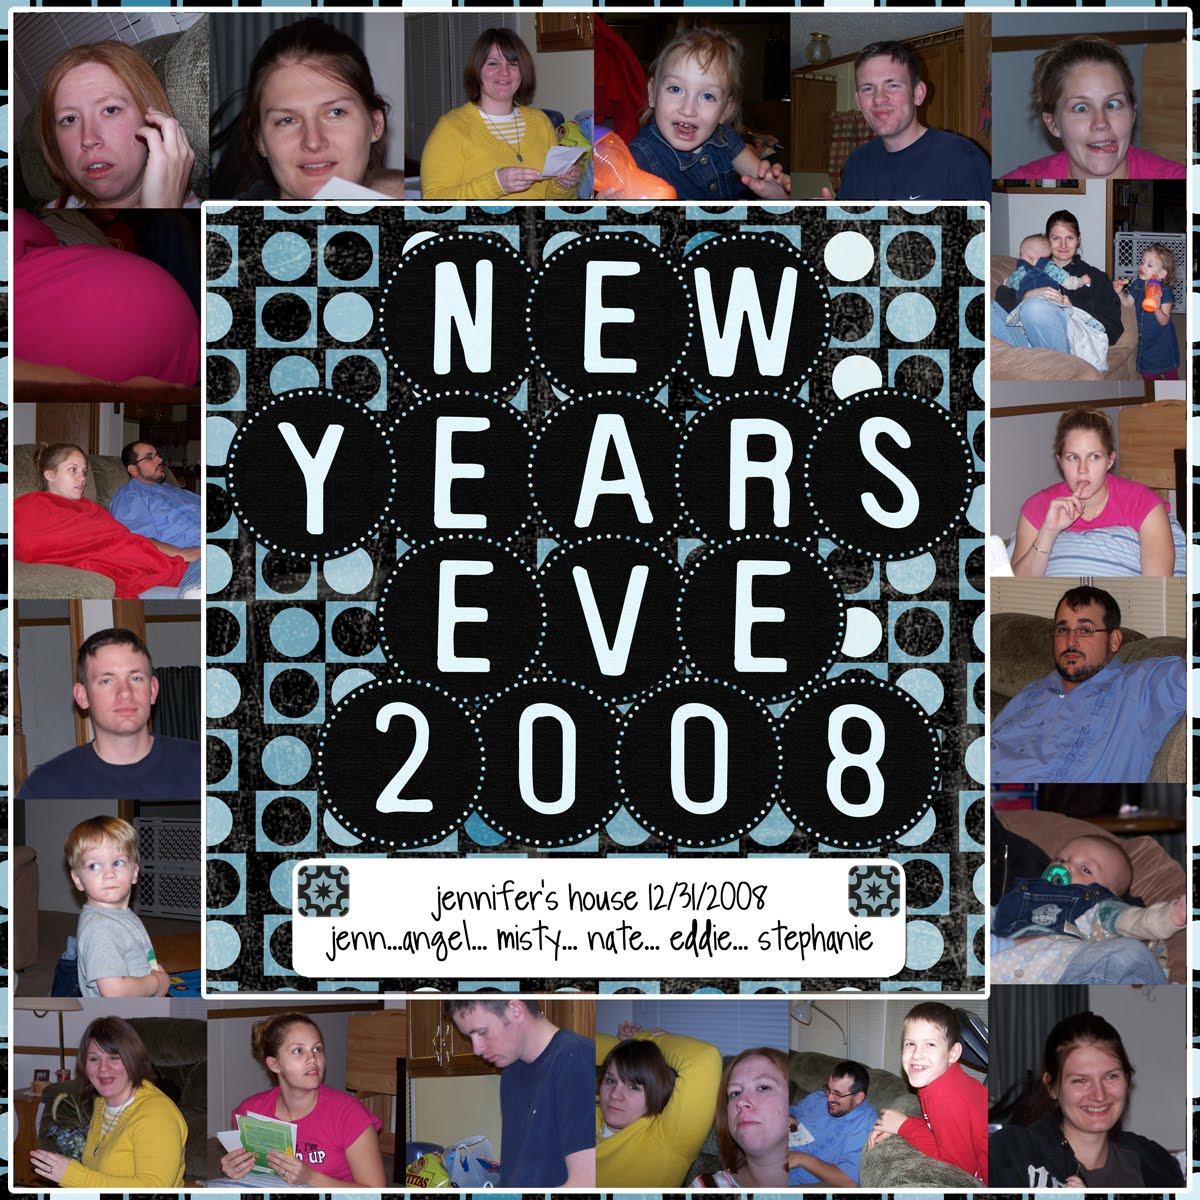 new years eve 2008 albury - photo#9